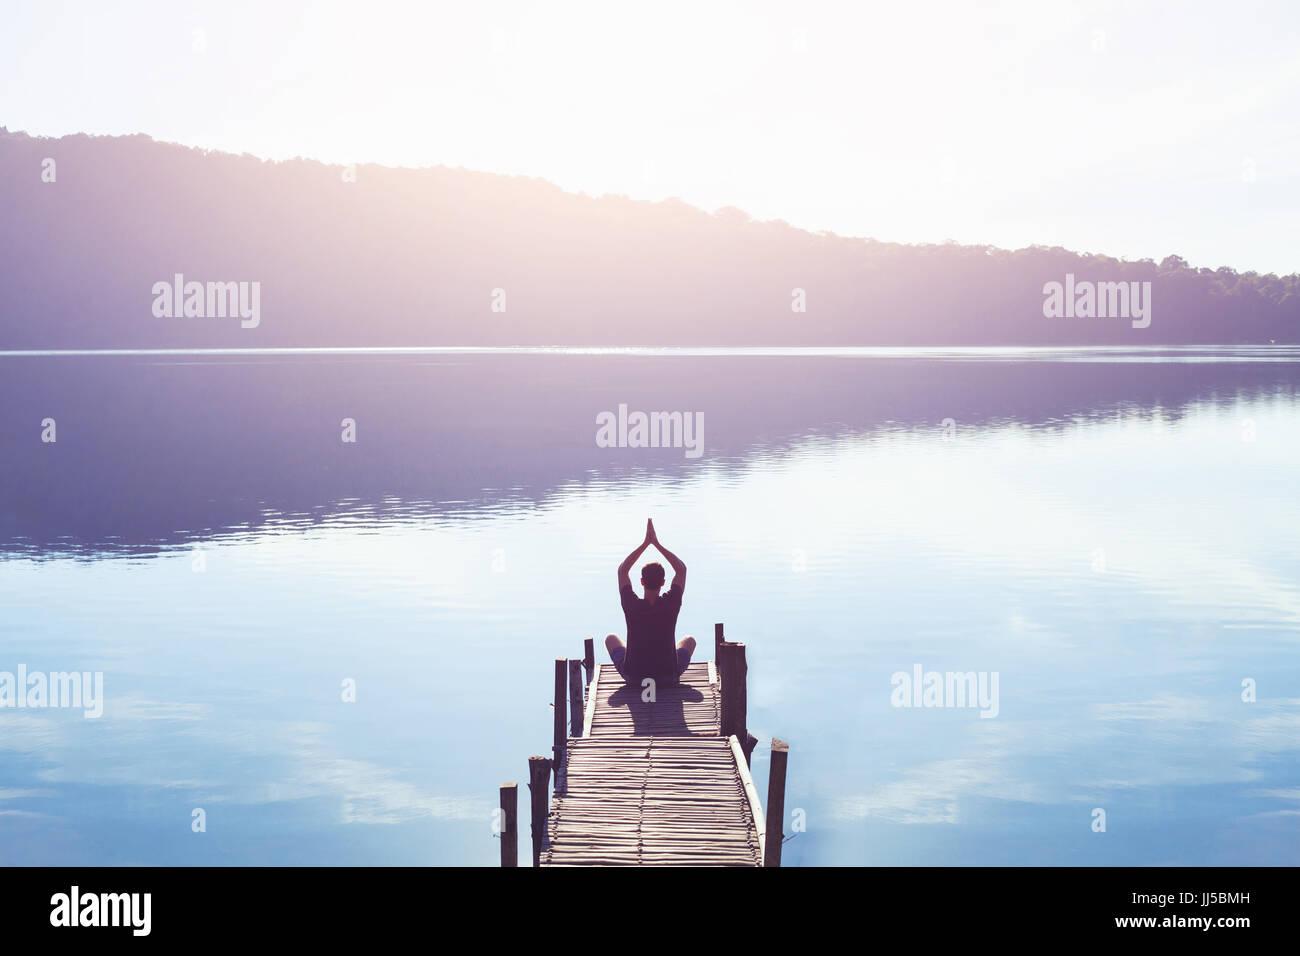 Antecedentes La meditación y el yoga Imagen De Stock